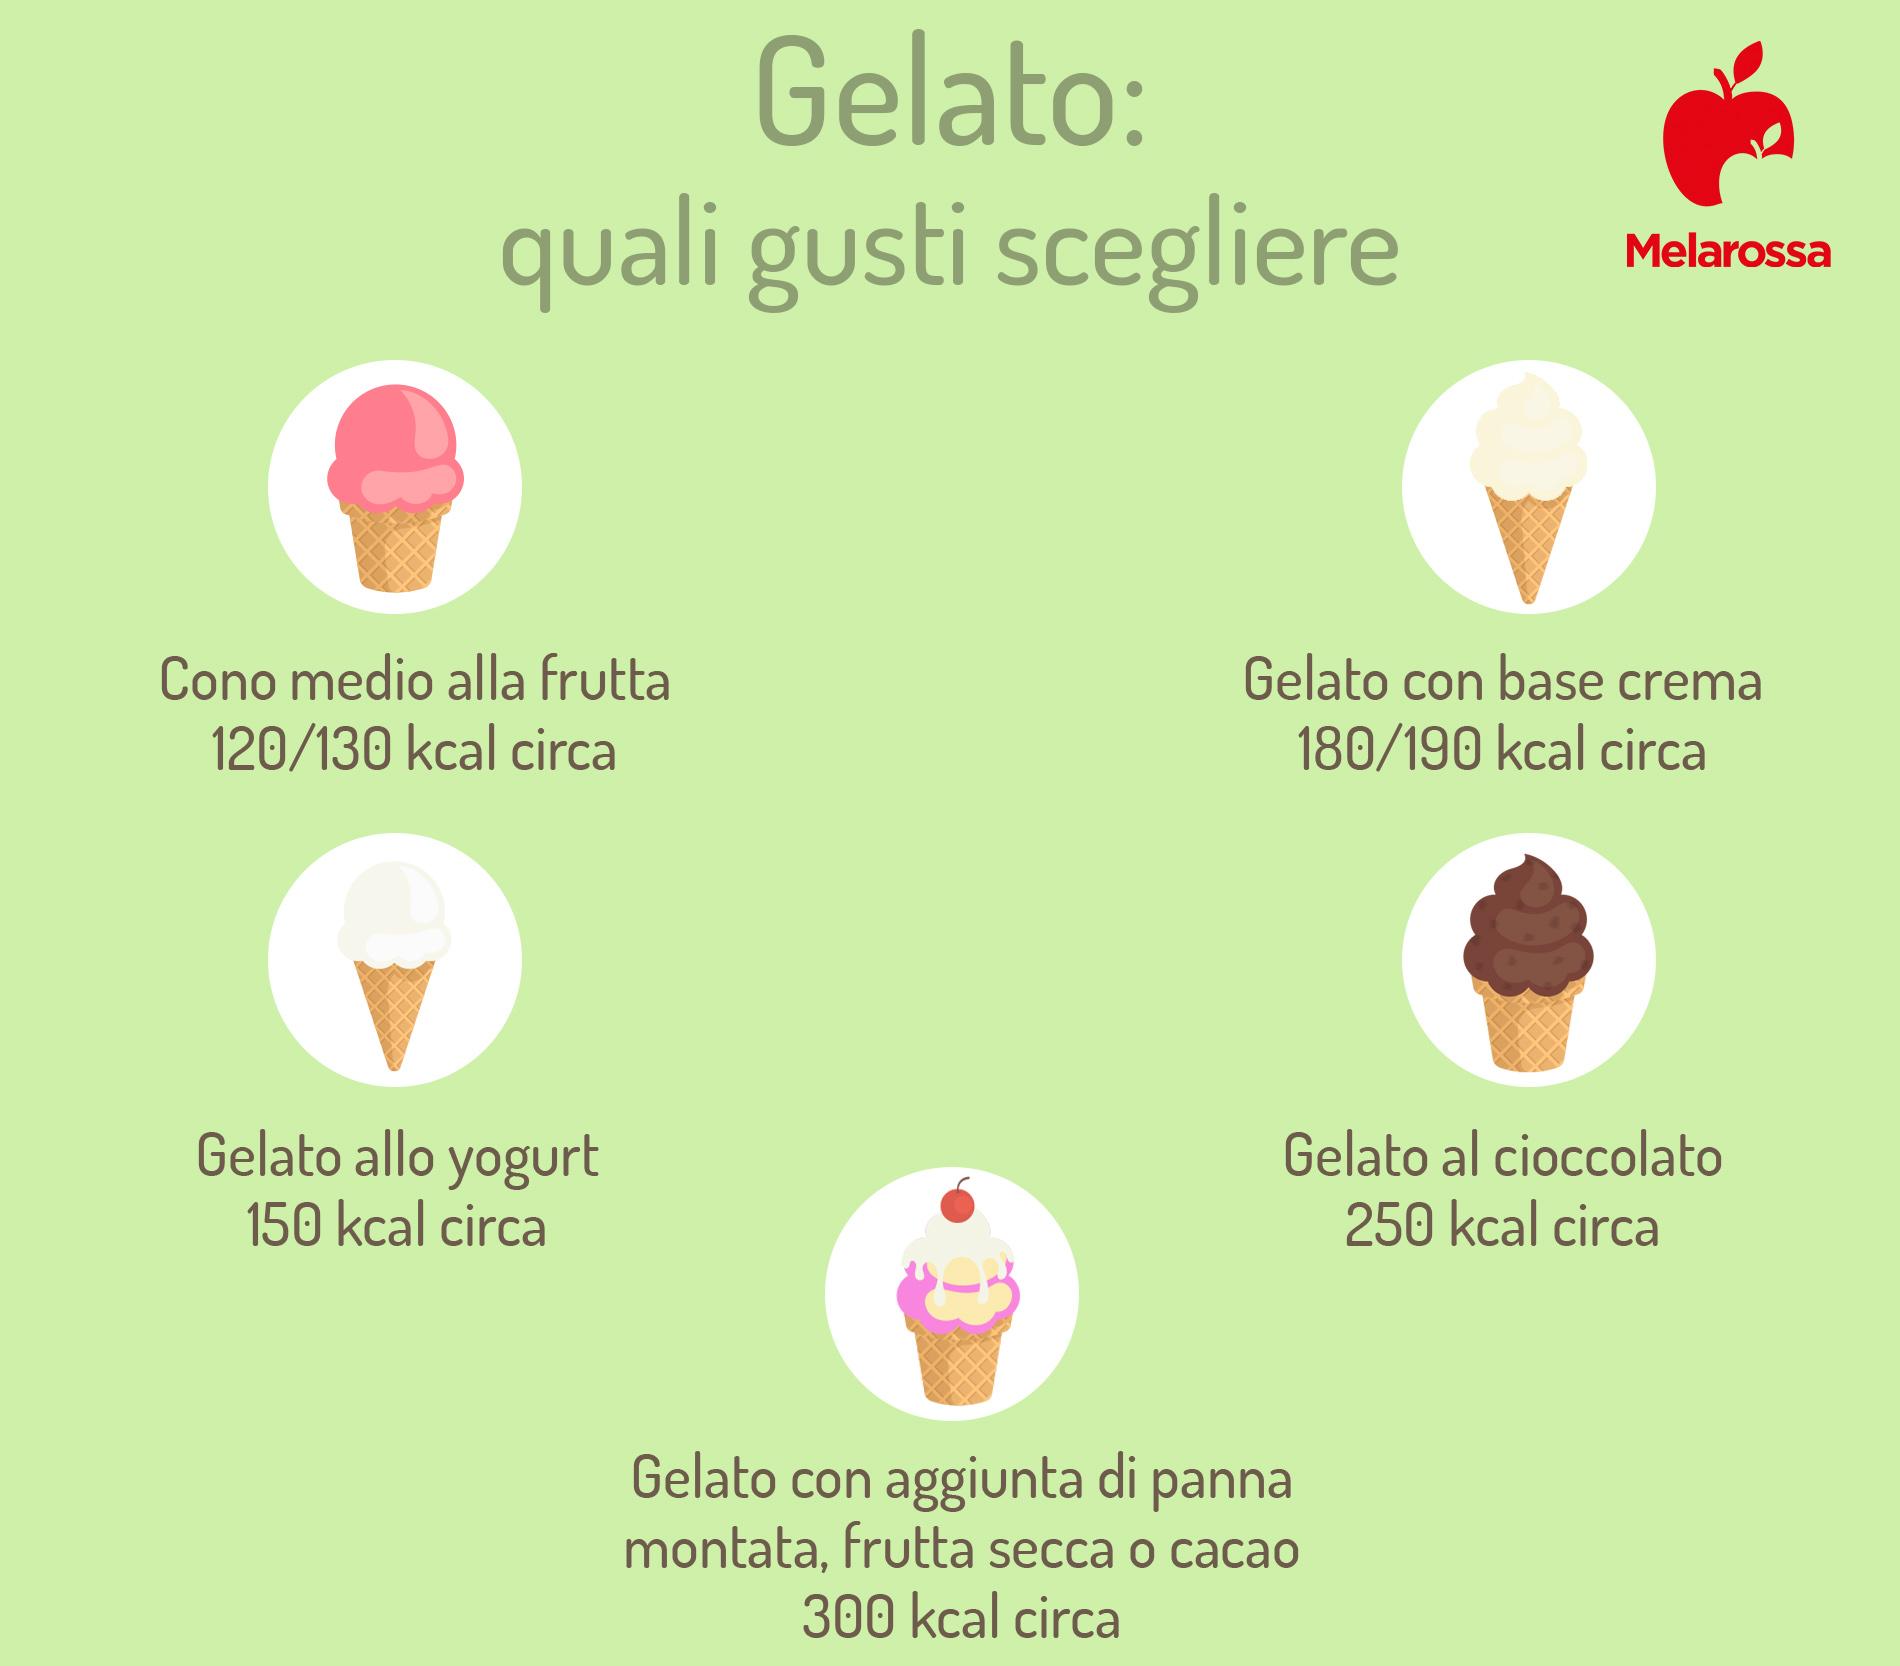 gelato: quali gusti scegliere?